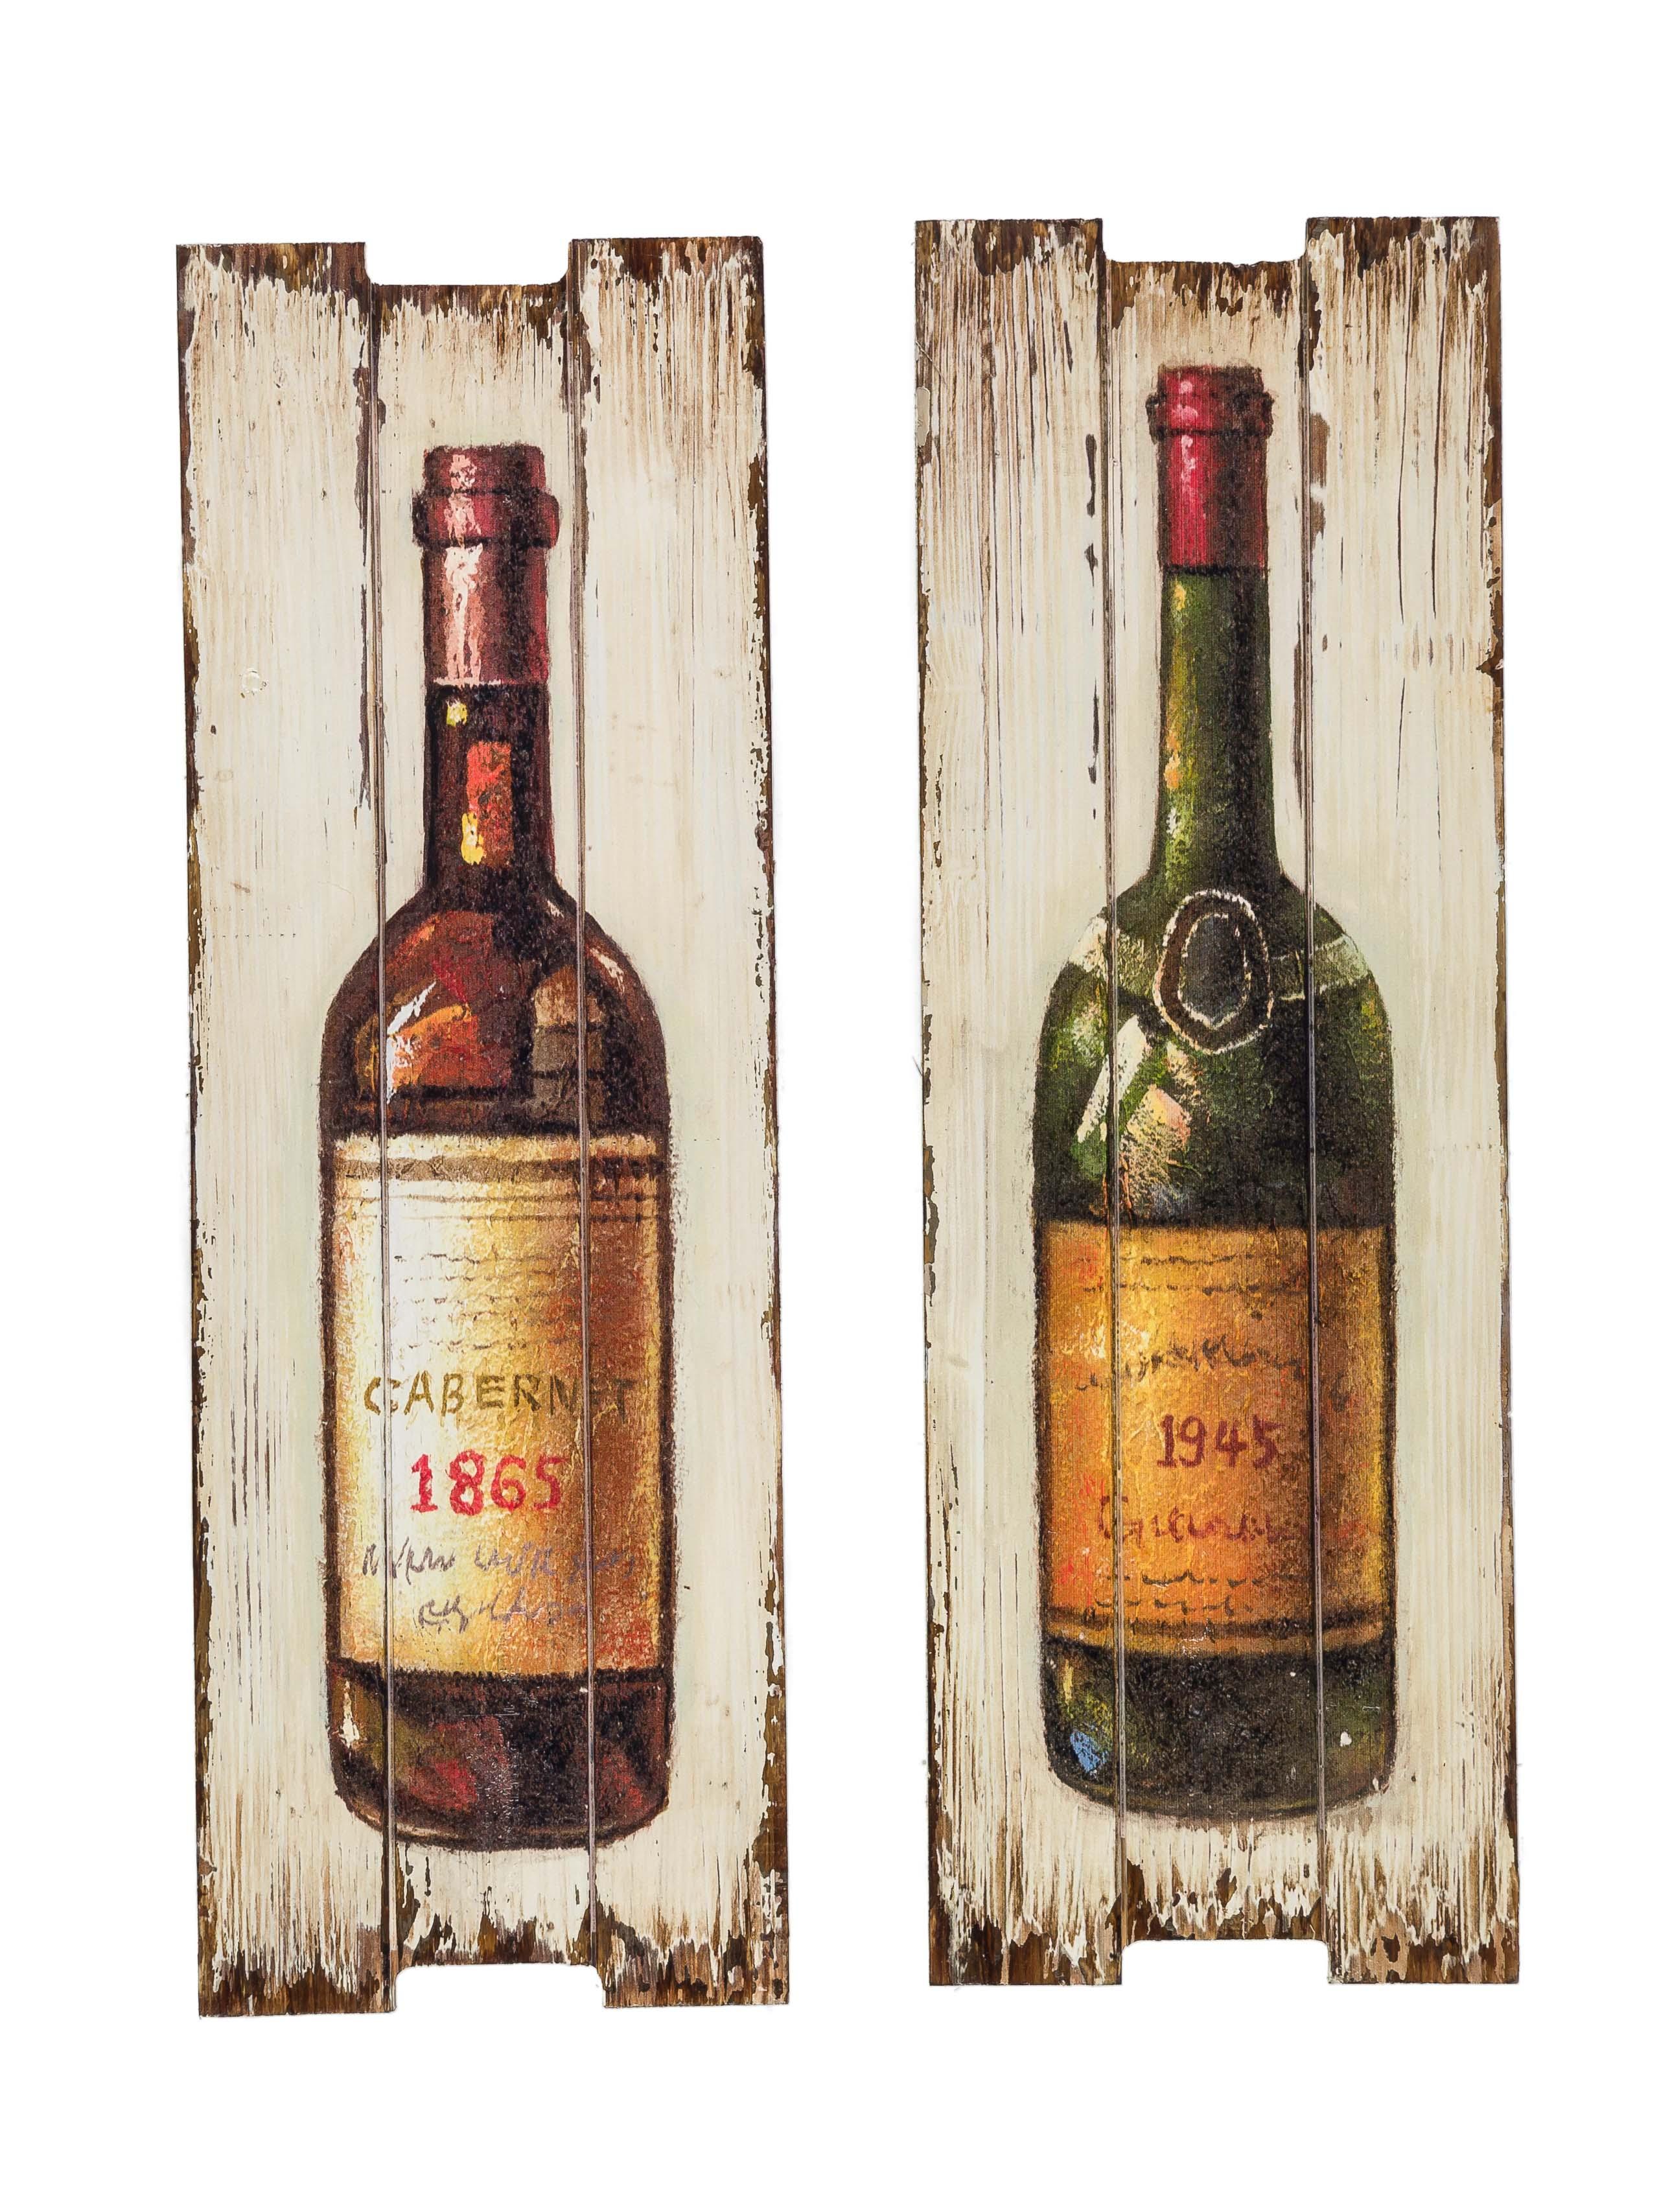 2x Bild Wandtafel Tafel Rotwein Wein Weinflasche Weisswein Wandbild